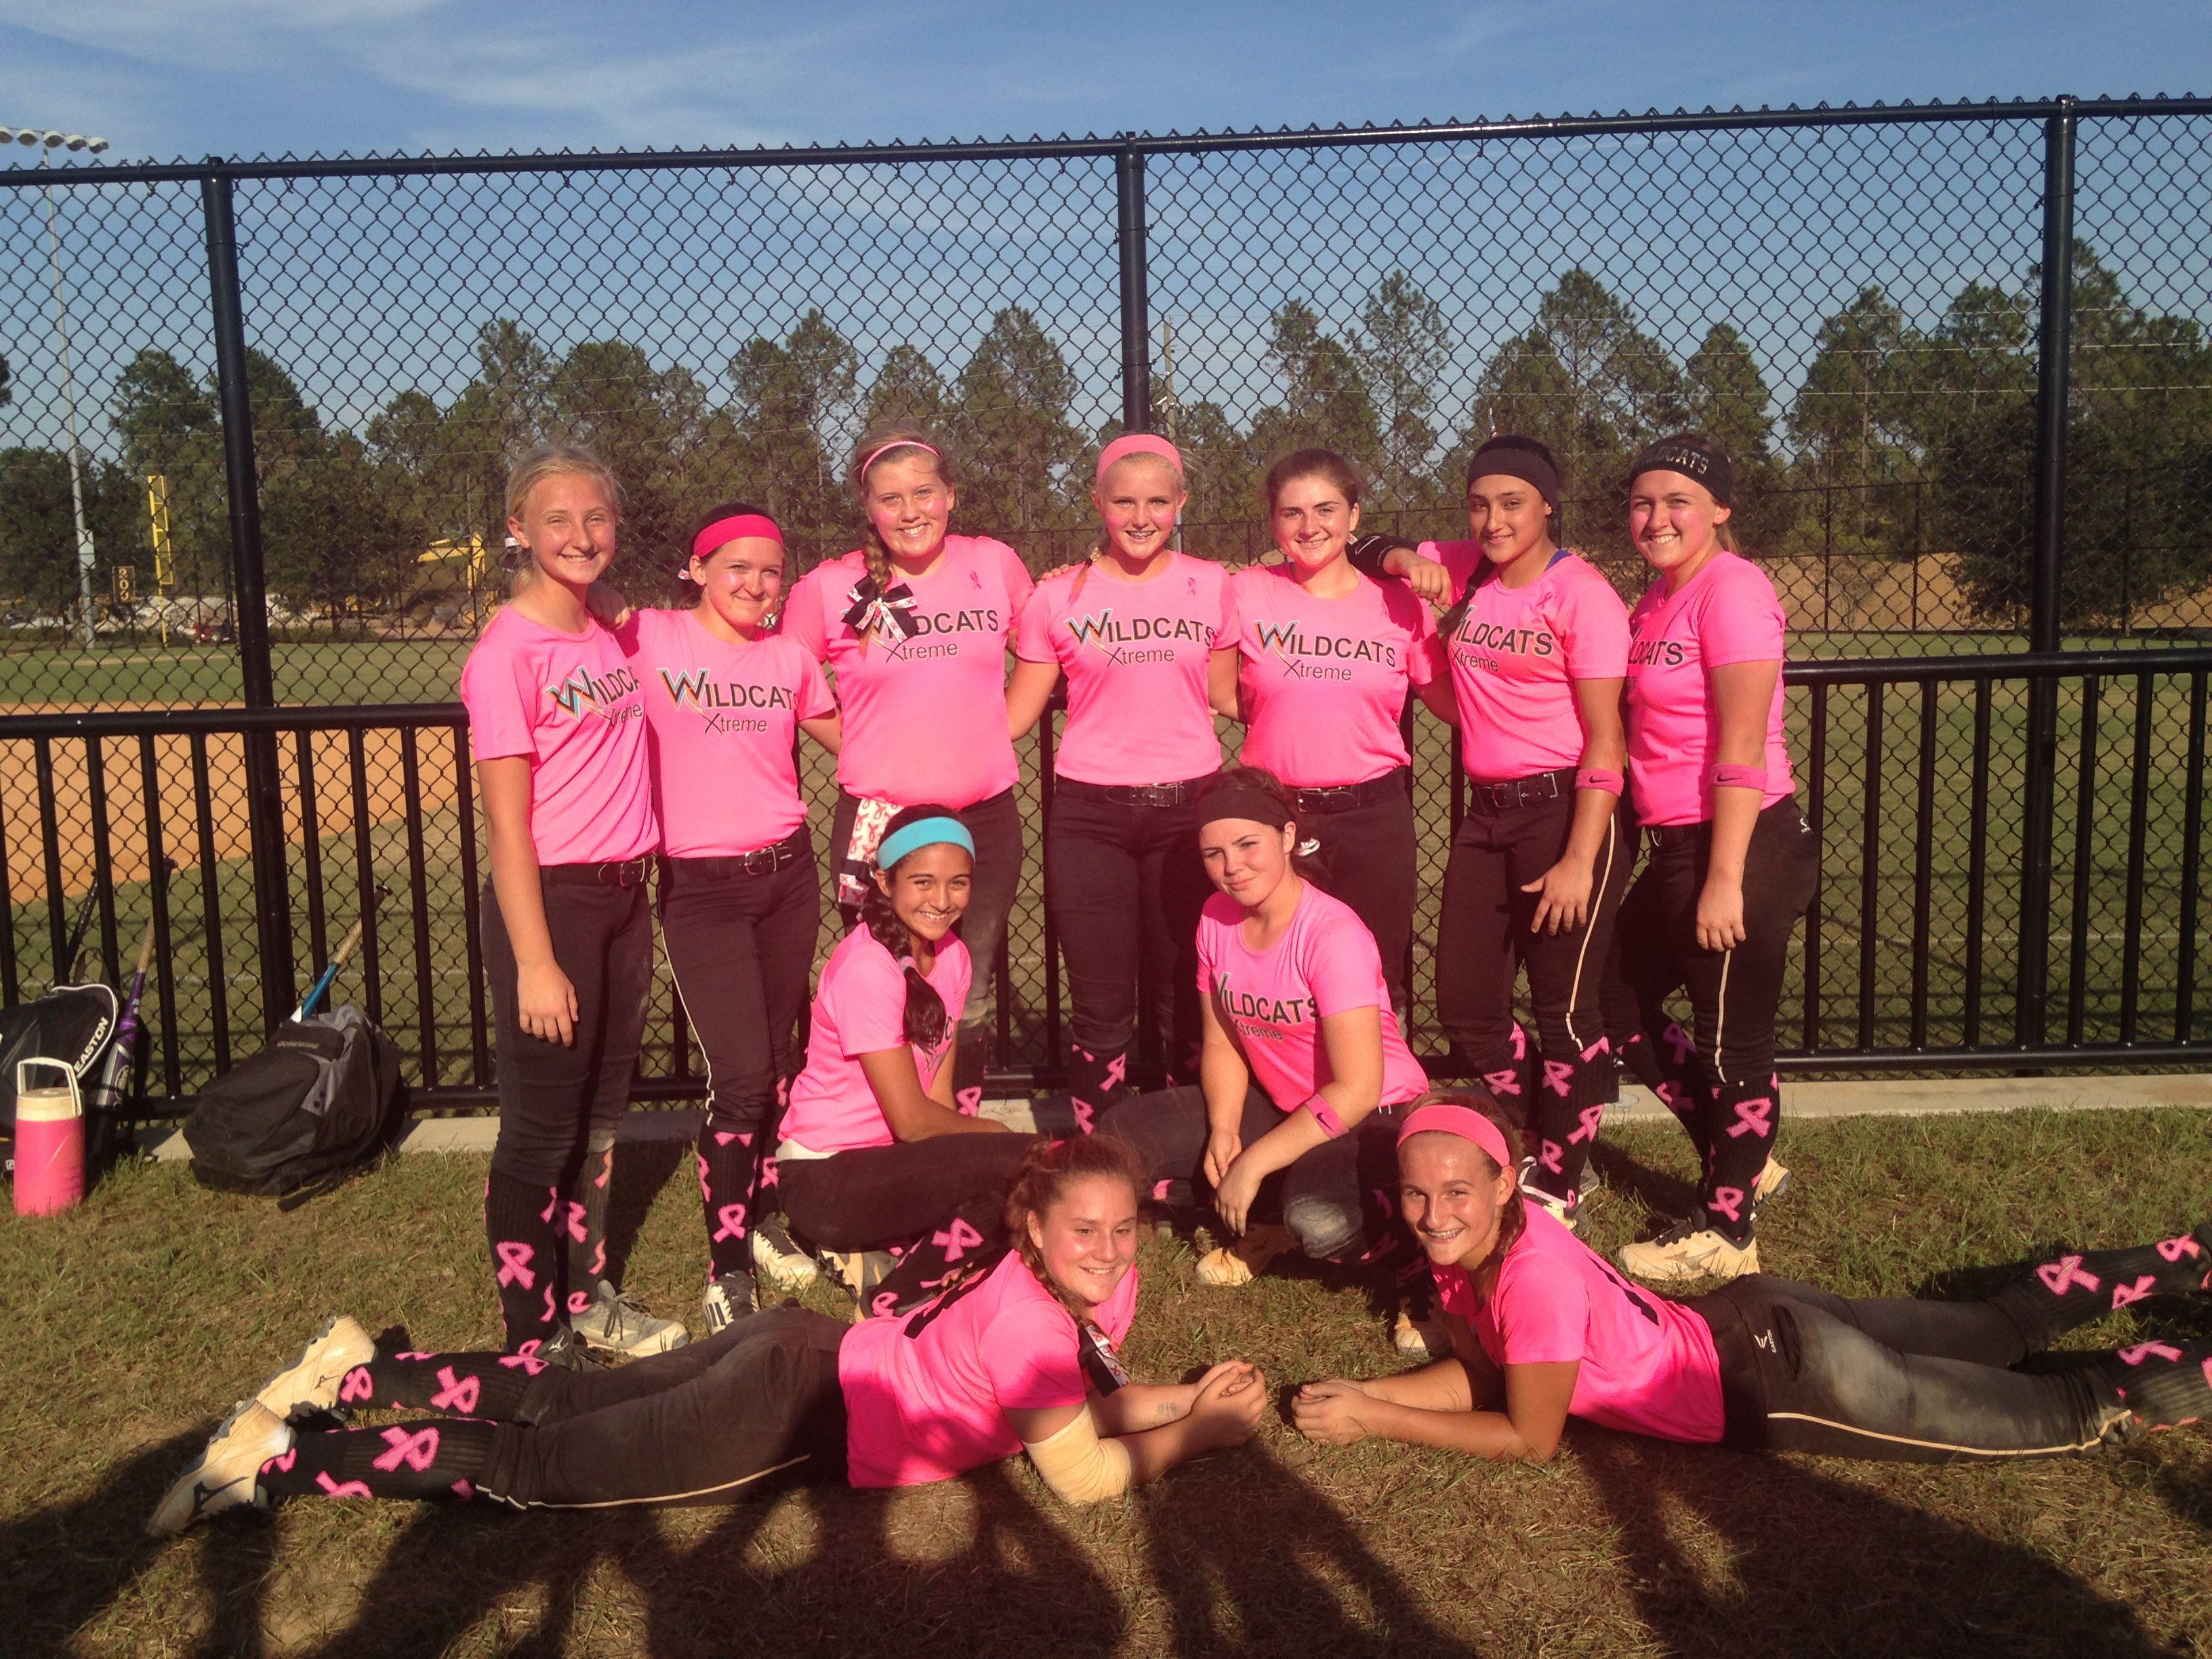 pink 14U wildcats